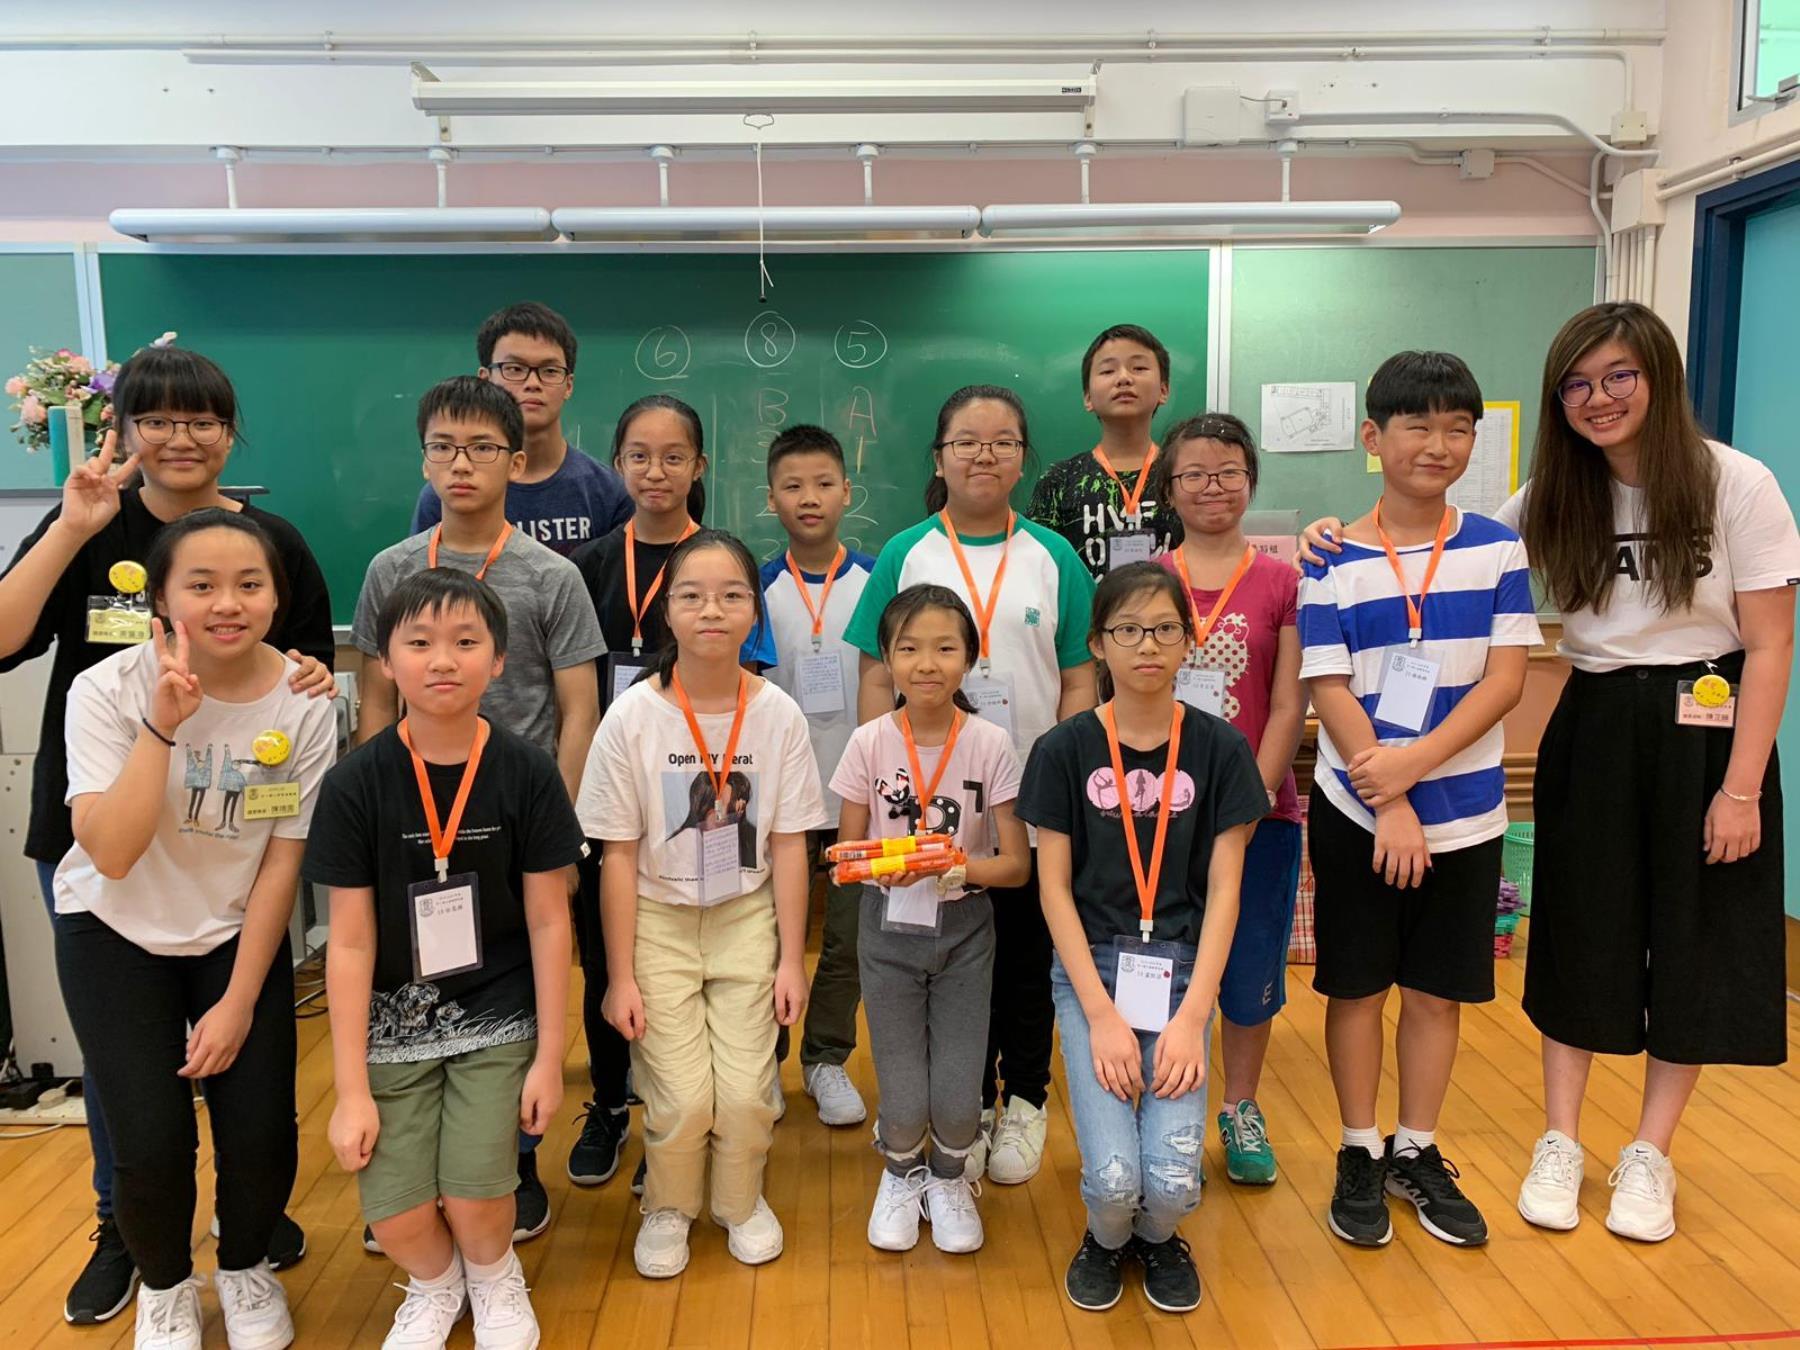 https://npc.edu.hk/sites/default/files/9678fb74-a399-408f-95ad-f90a312105c8_3.jpg